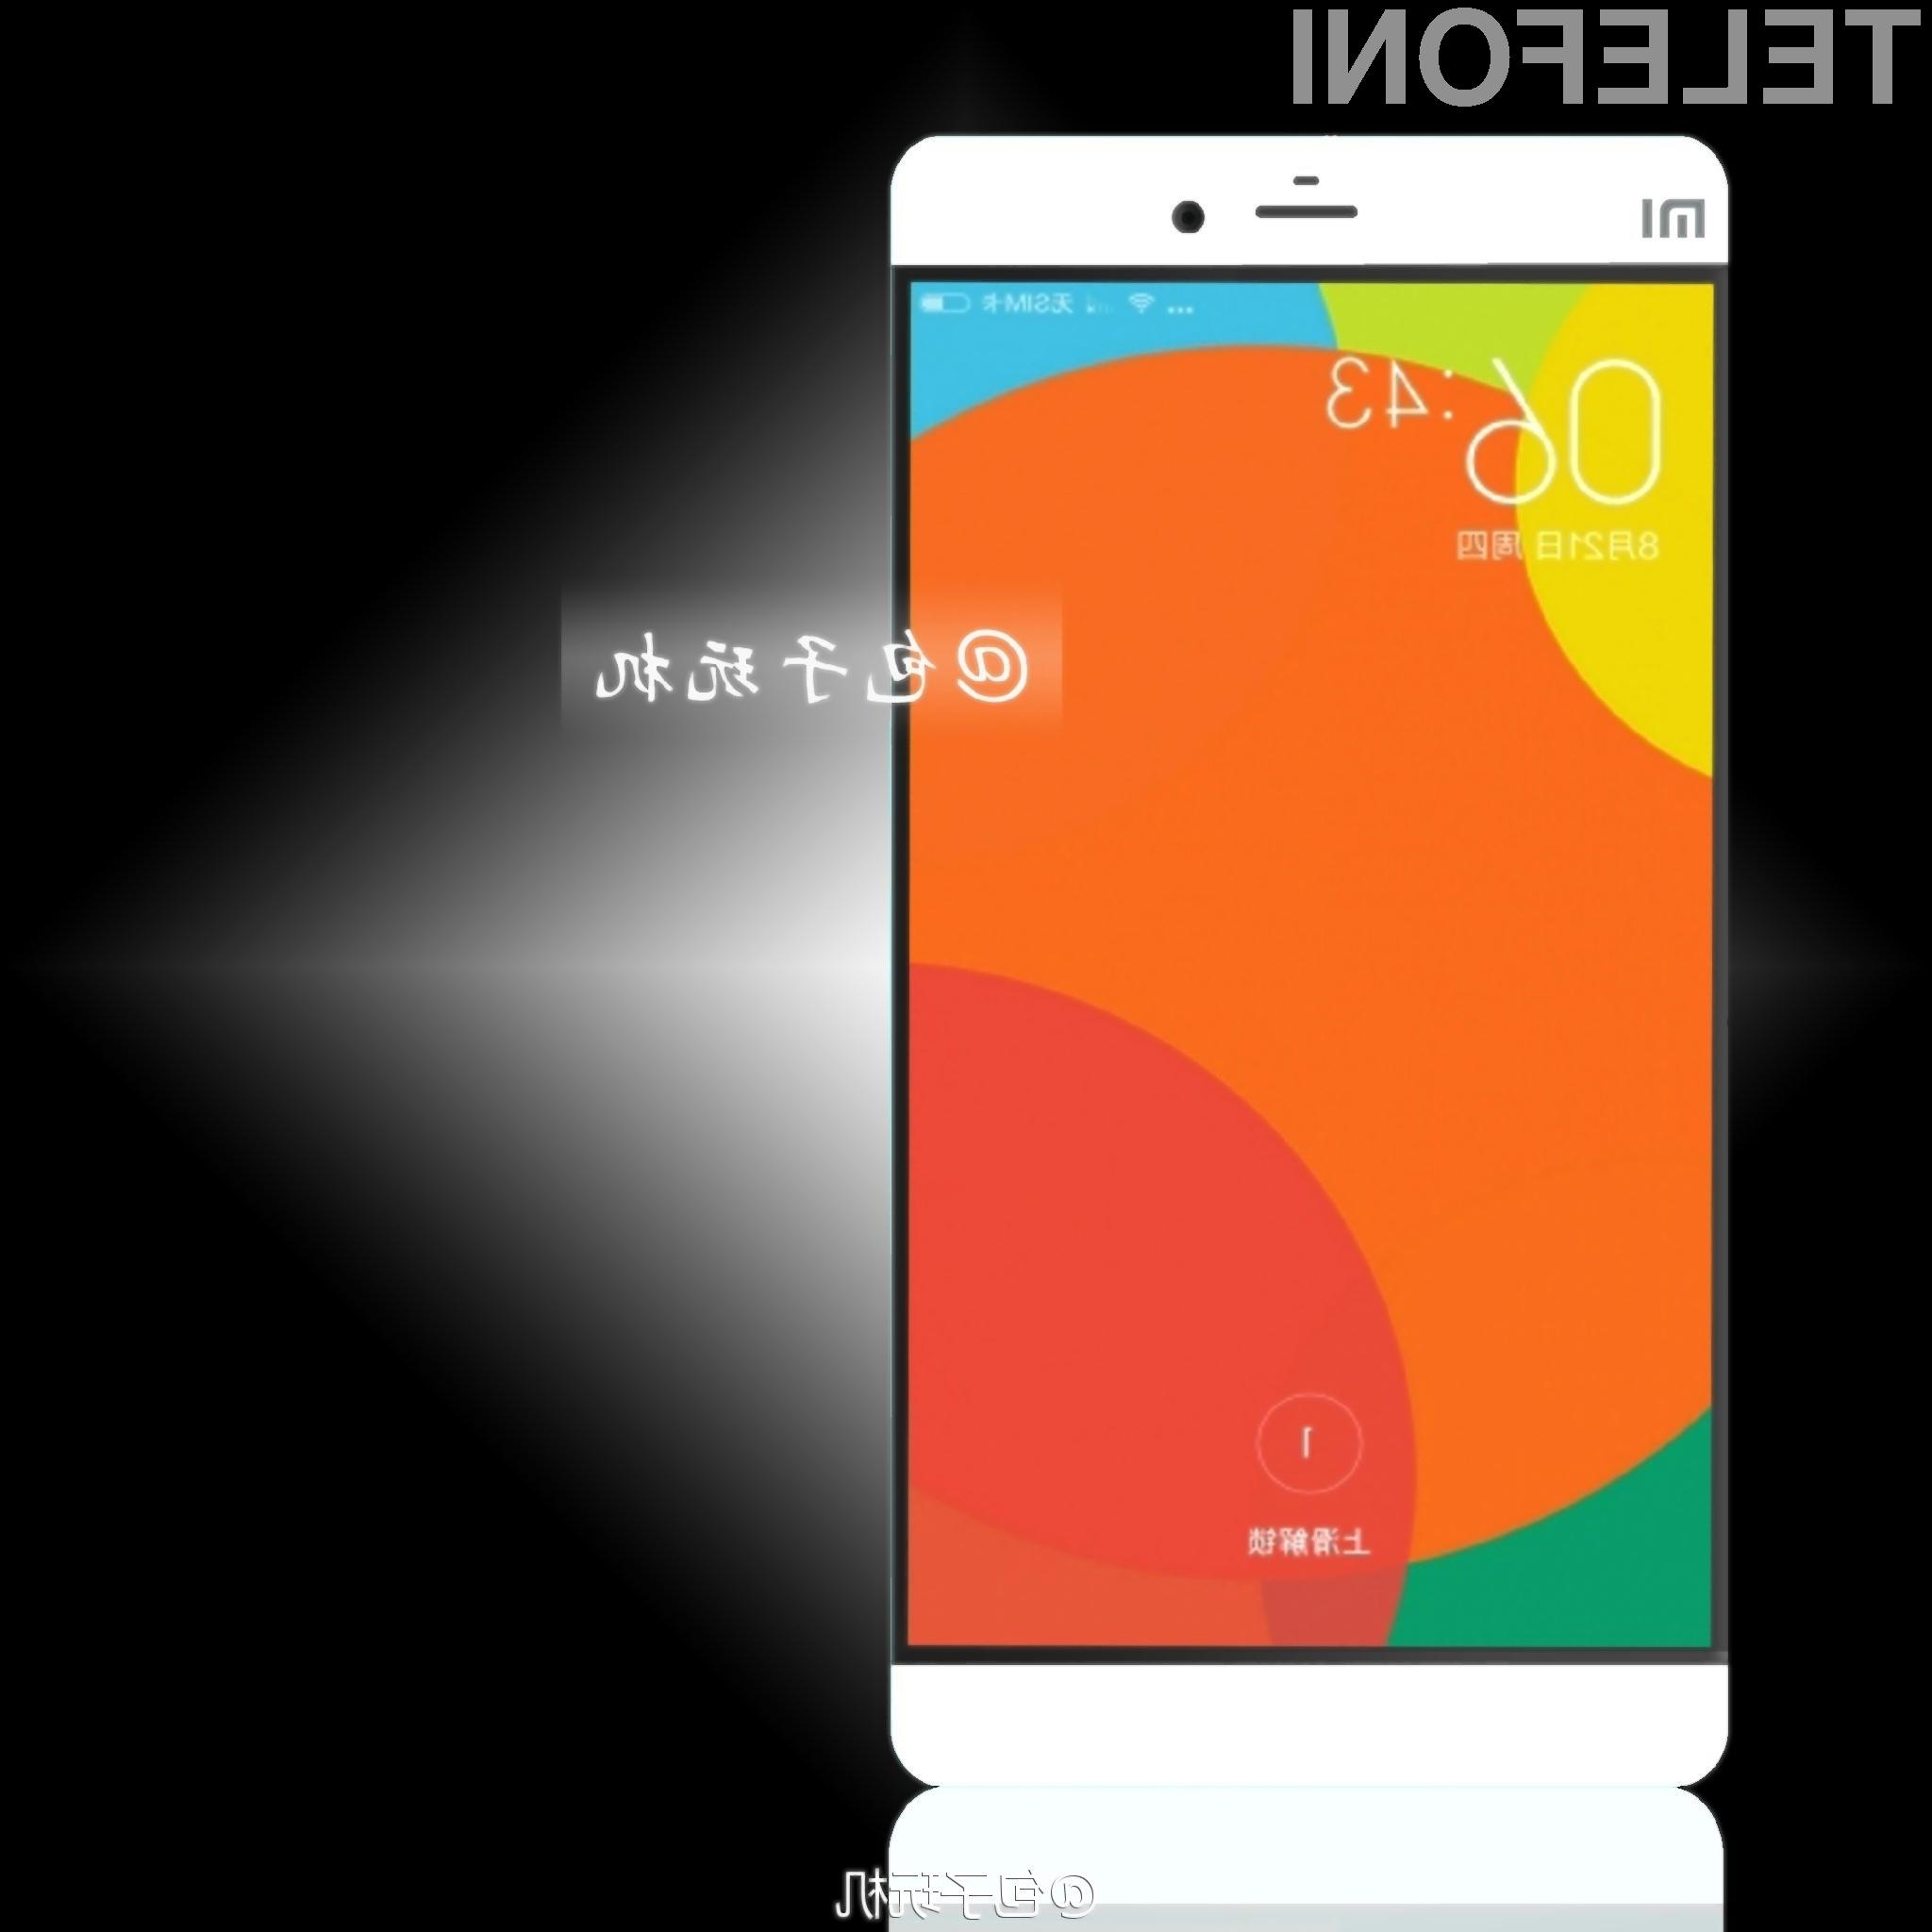 Zaslon mobilnika Xiaomi Mi5 bo ponujal izjemno uporabniško izkušnjo.